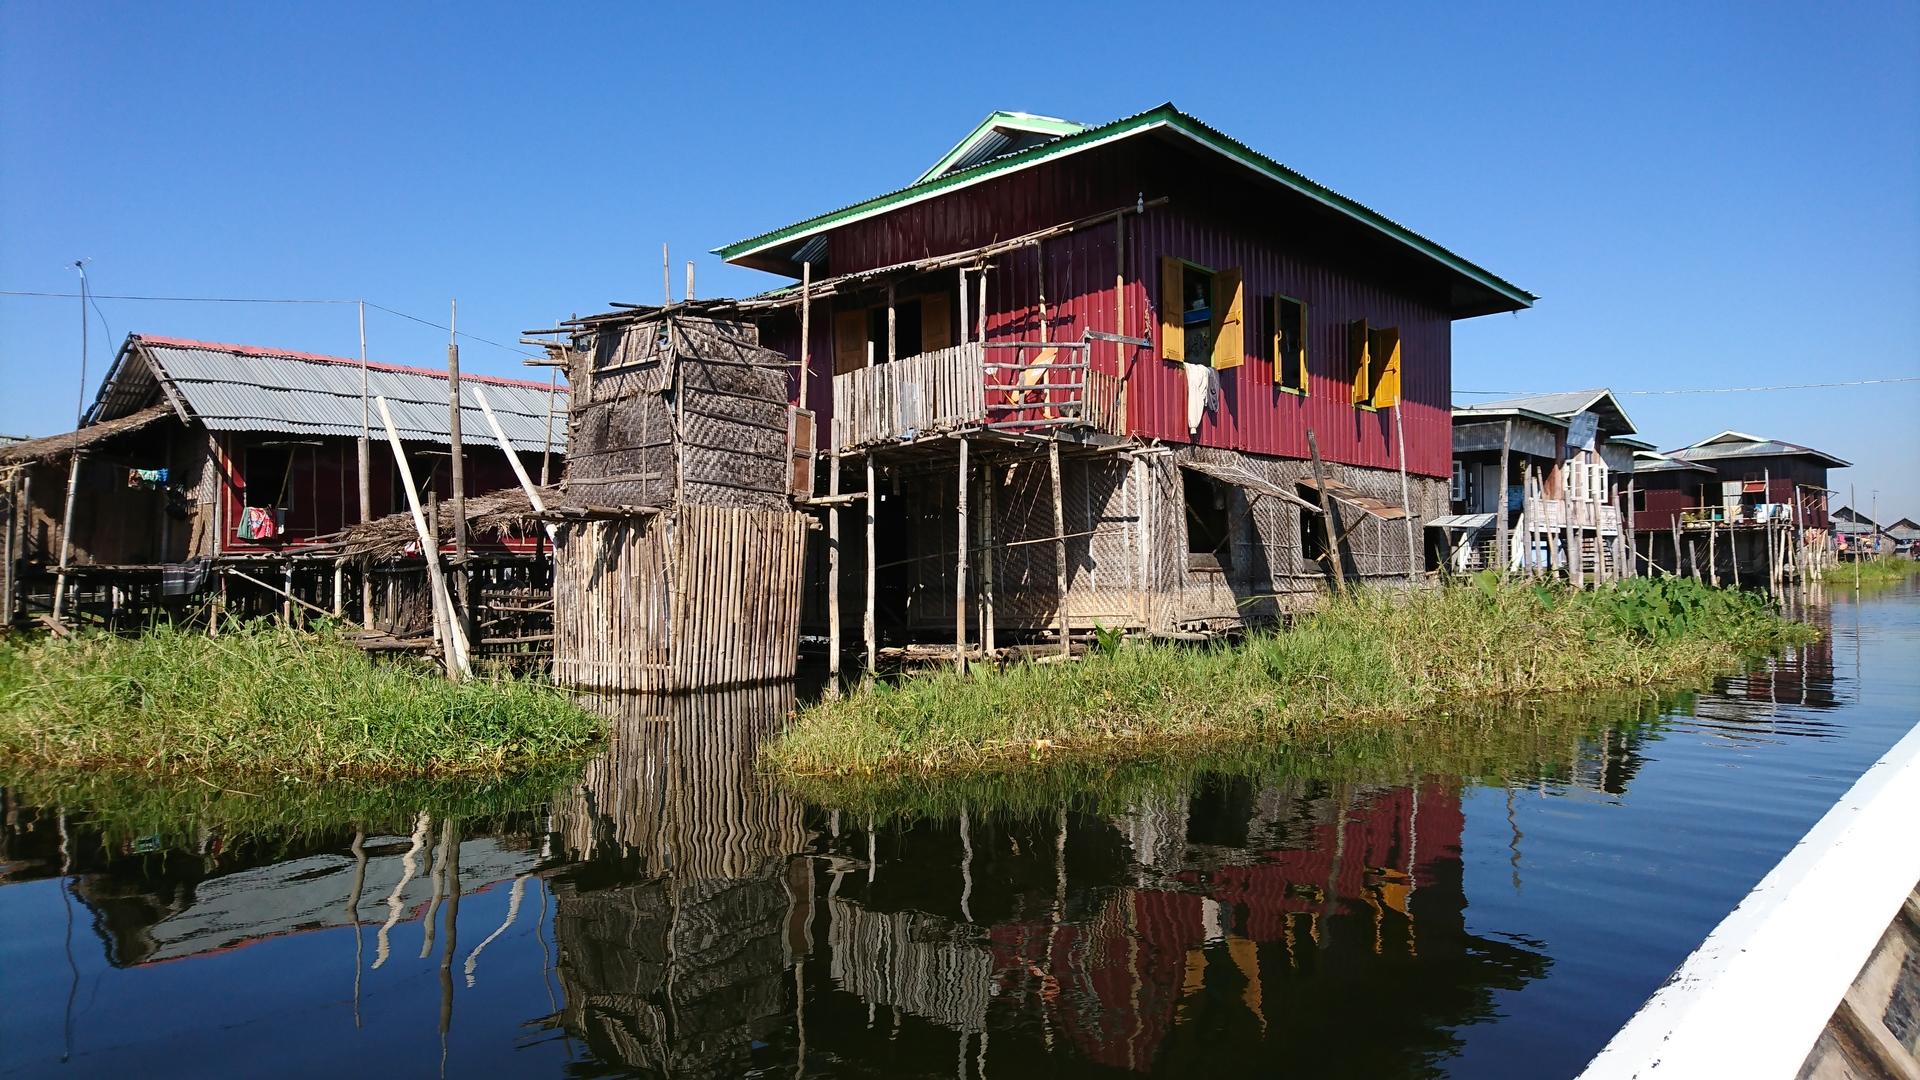 タイトルどうり丸1日インレー湖の上での観光です。 天気も良くてボートで疾走すると風が心地いい。 湖上にある寺院や人々の生活も興味深い。 昼食も湖上のレストランでイタリアンですがここで捕った魚がいただけます。 オプションになっているインディン立寄りアレンジは湖からそのまま川を上っていくのでちょっとしたラフティング気分と少し違う景観、人々の生活、何よりも無数の仏塔に圧倒されるので必ず付け加えることをお勧めします。